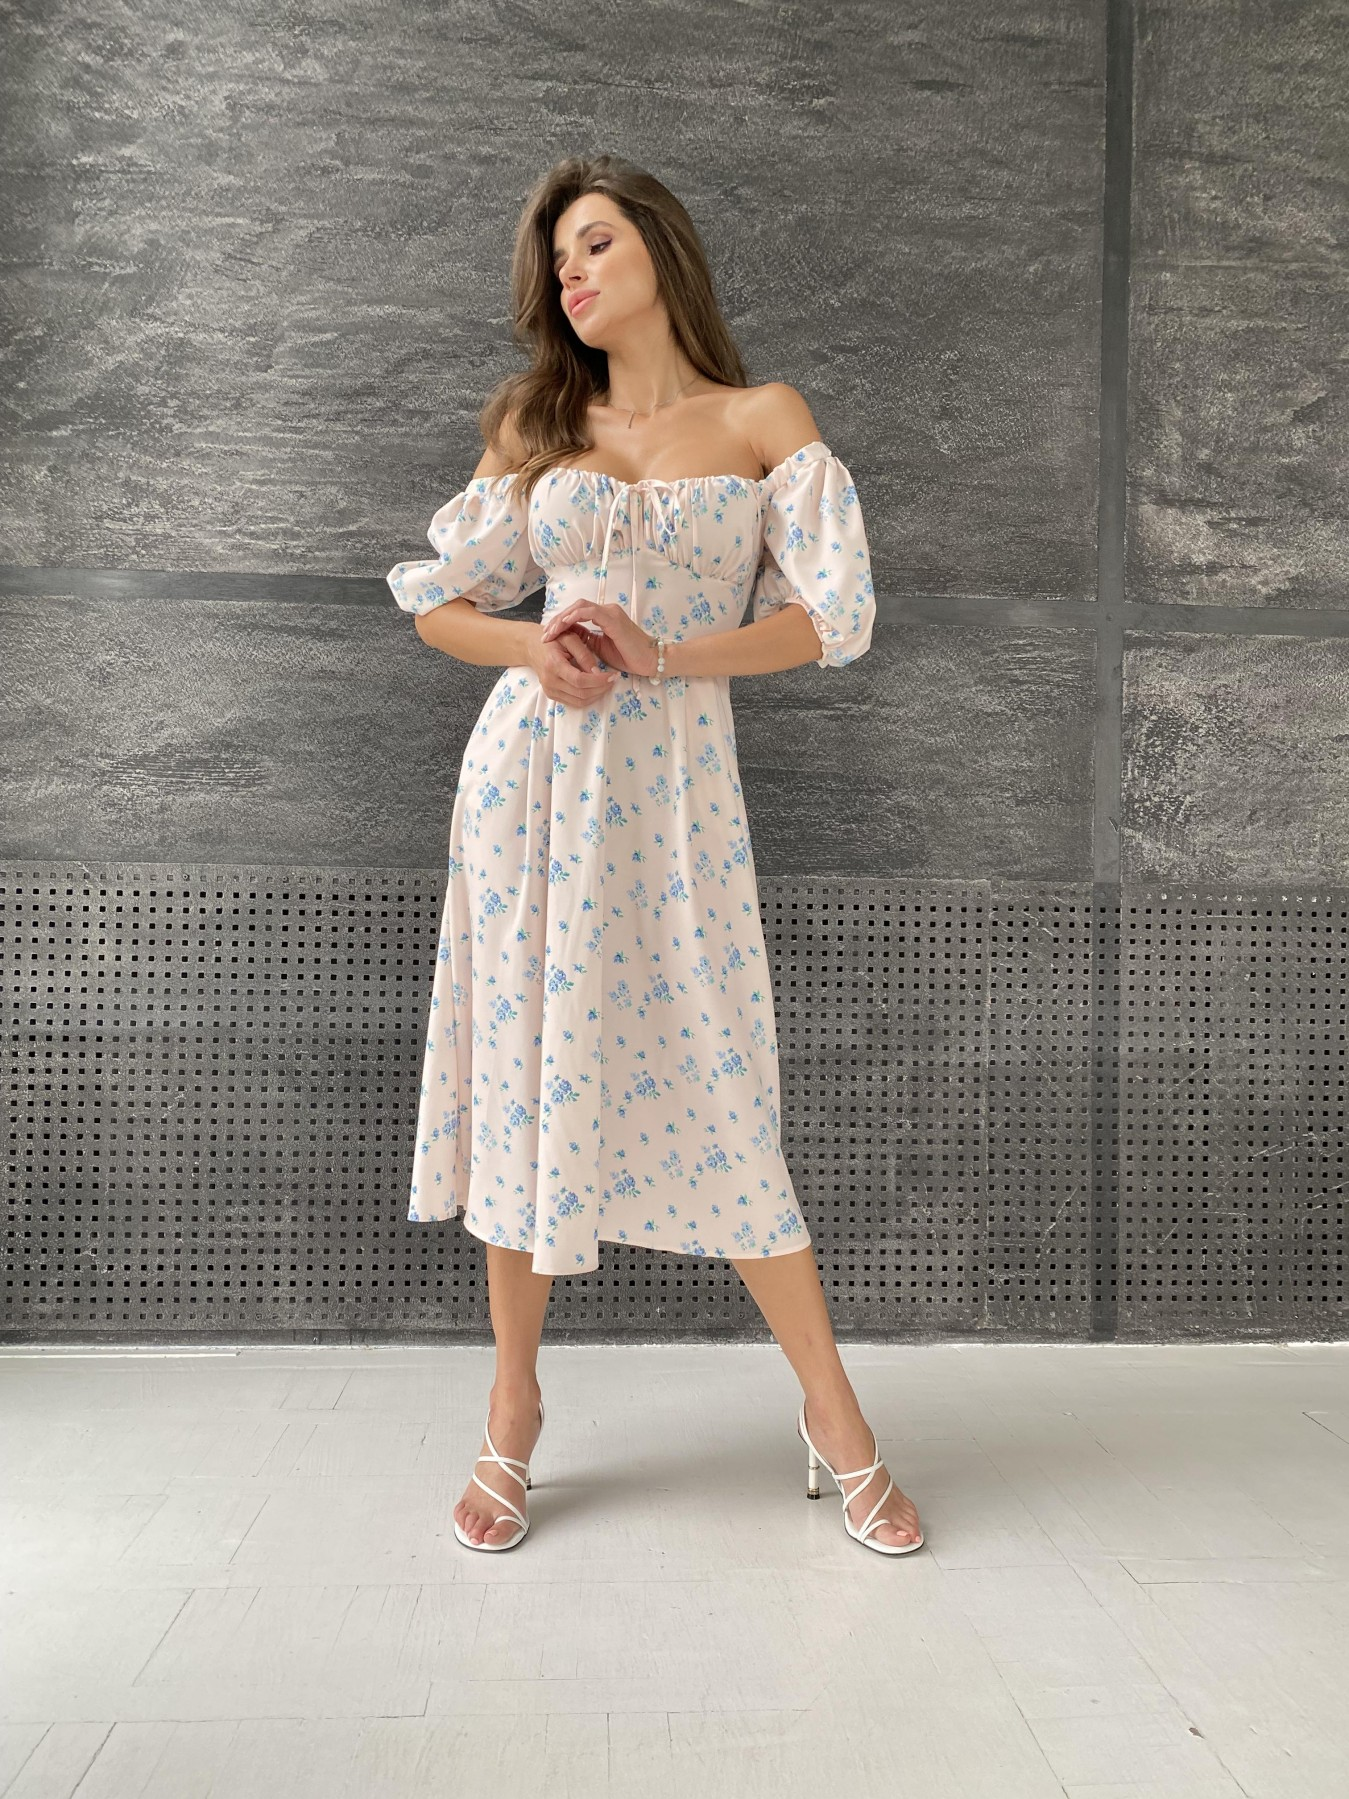 Кисес Миди платье из софт ткани в принт 11348 АРТ. 48187 Цвет: Пудра/голубойЦветыНаВетке - фото 6, интернет магазин tm-modus.ru